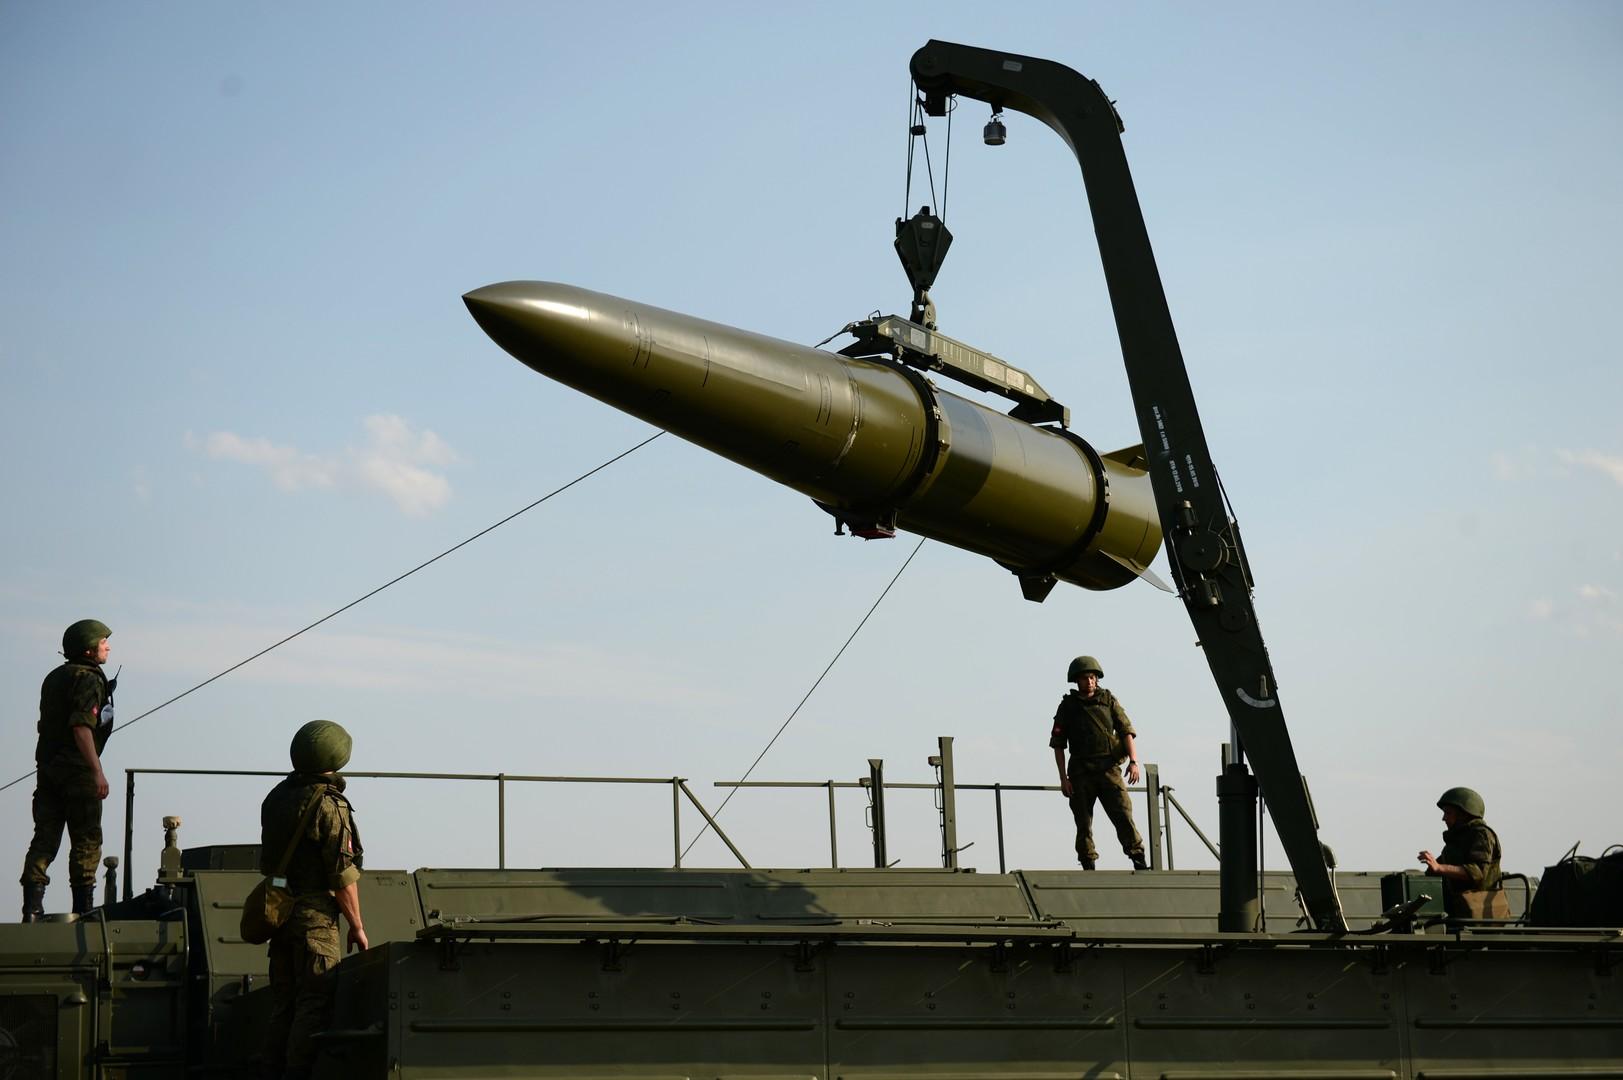 مجلس الدوما الروسي يتبنى قانونا حول وقف عمل معاهدة الصواريخ متوسطة وقصيرة المدى